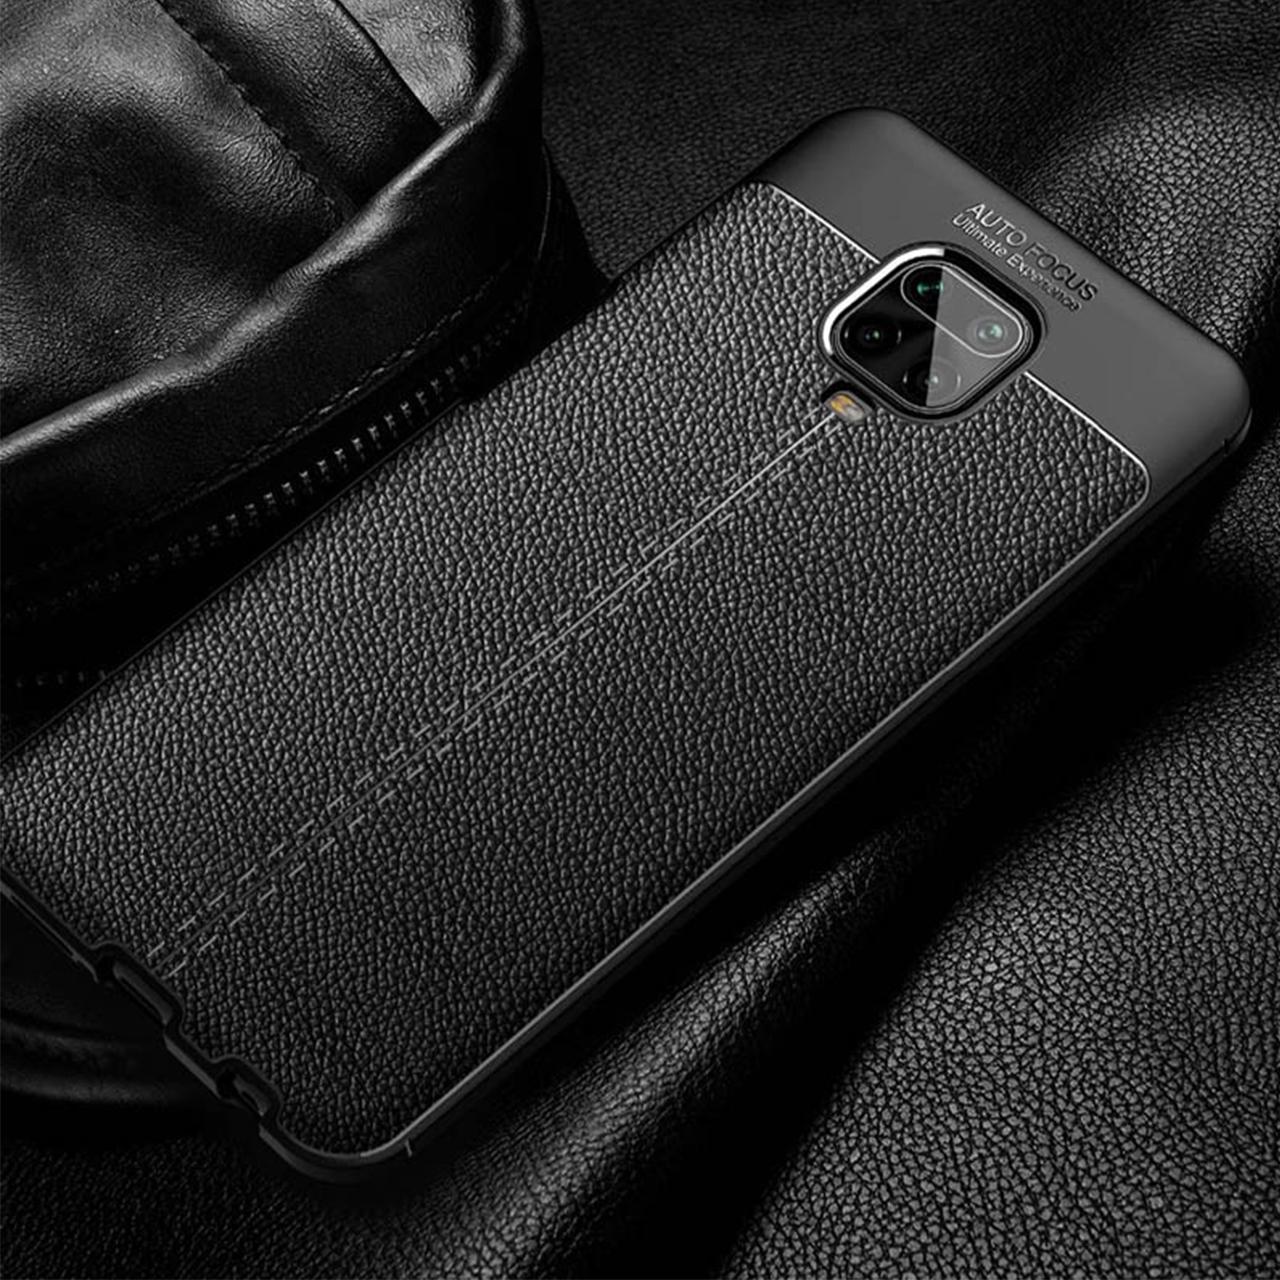 کاور راین مدل R_ATOG مناسب برای گوشی موبایل شیائومی Redmi Note 9s به همراه محافظ صفحه نمایش thumb 2 6